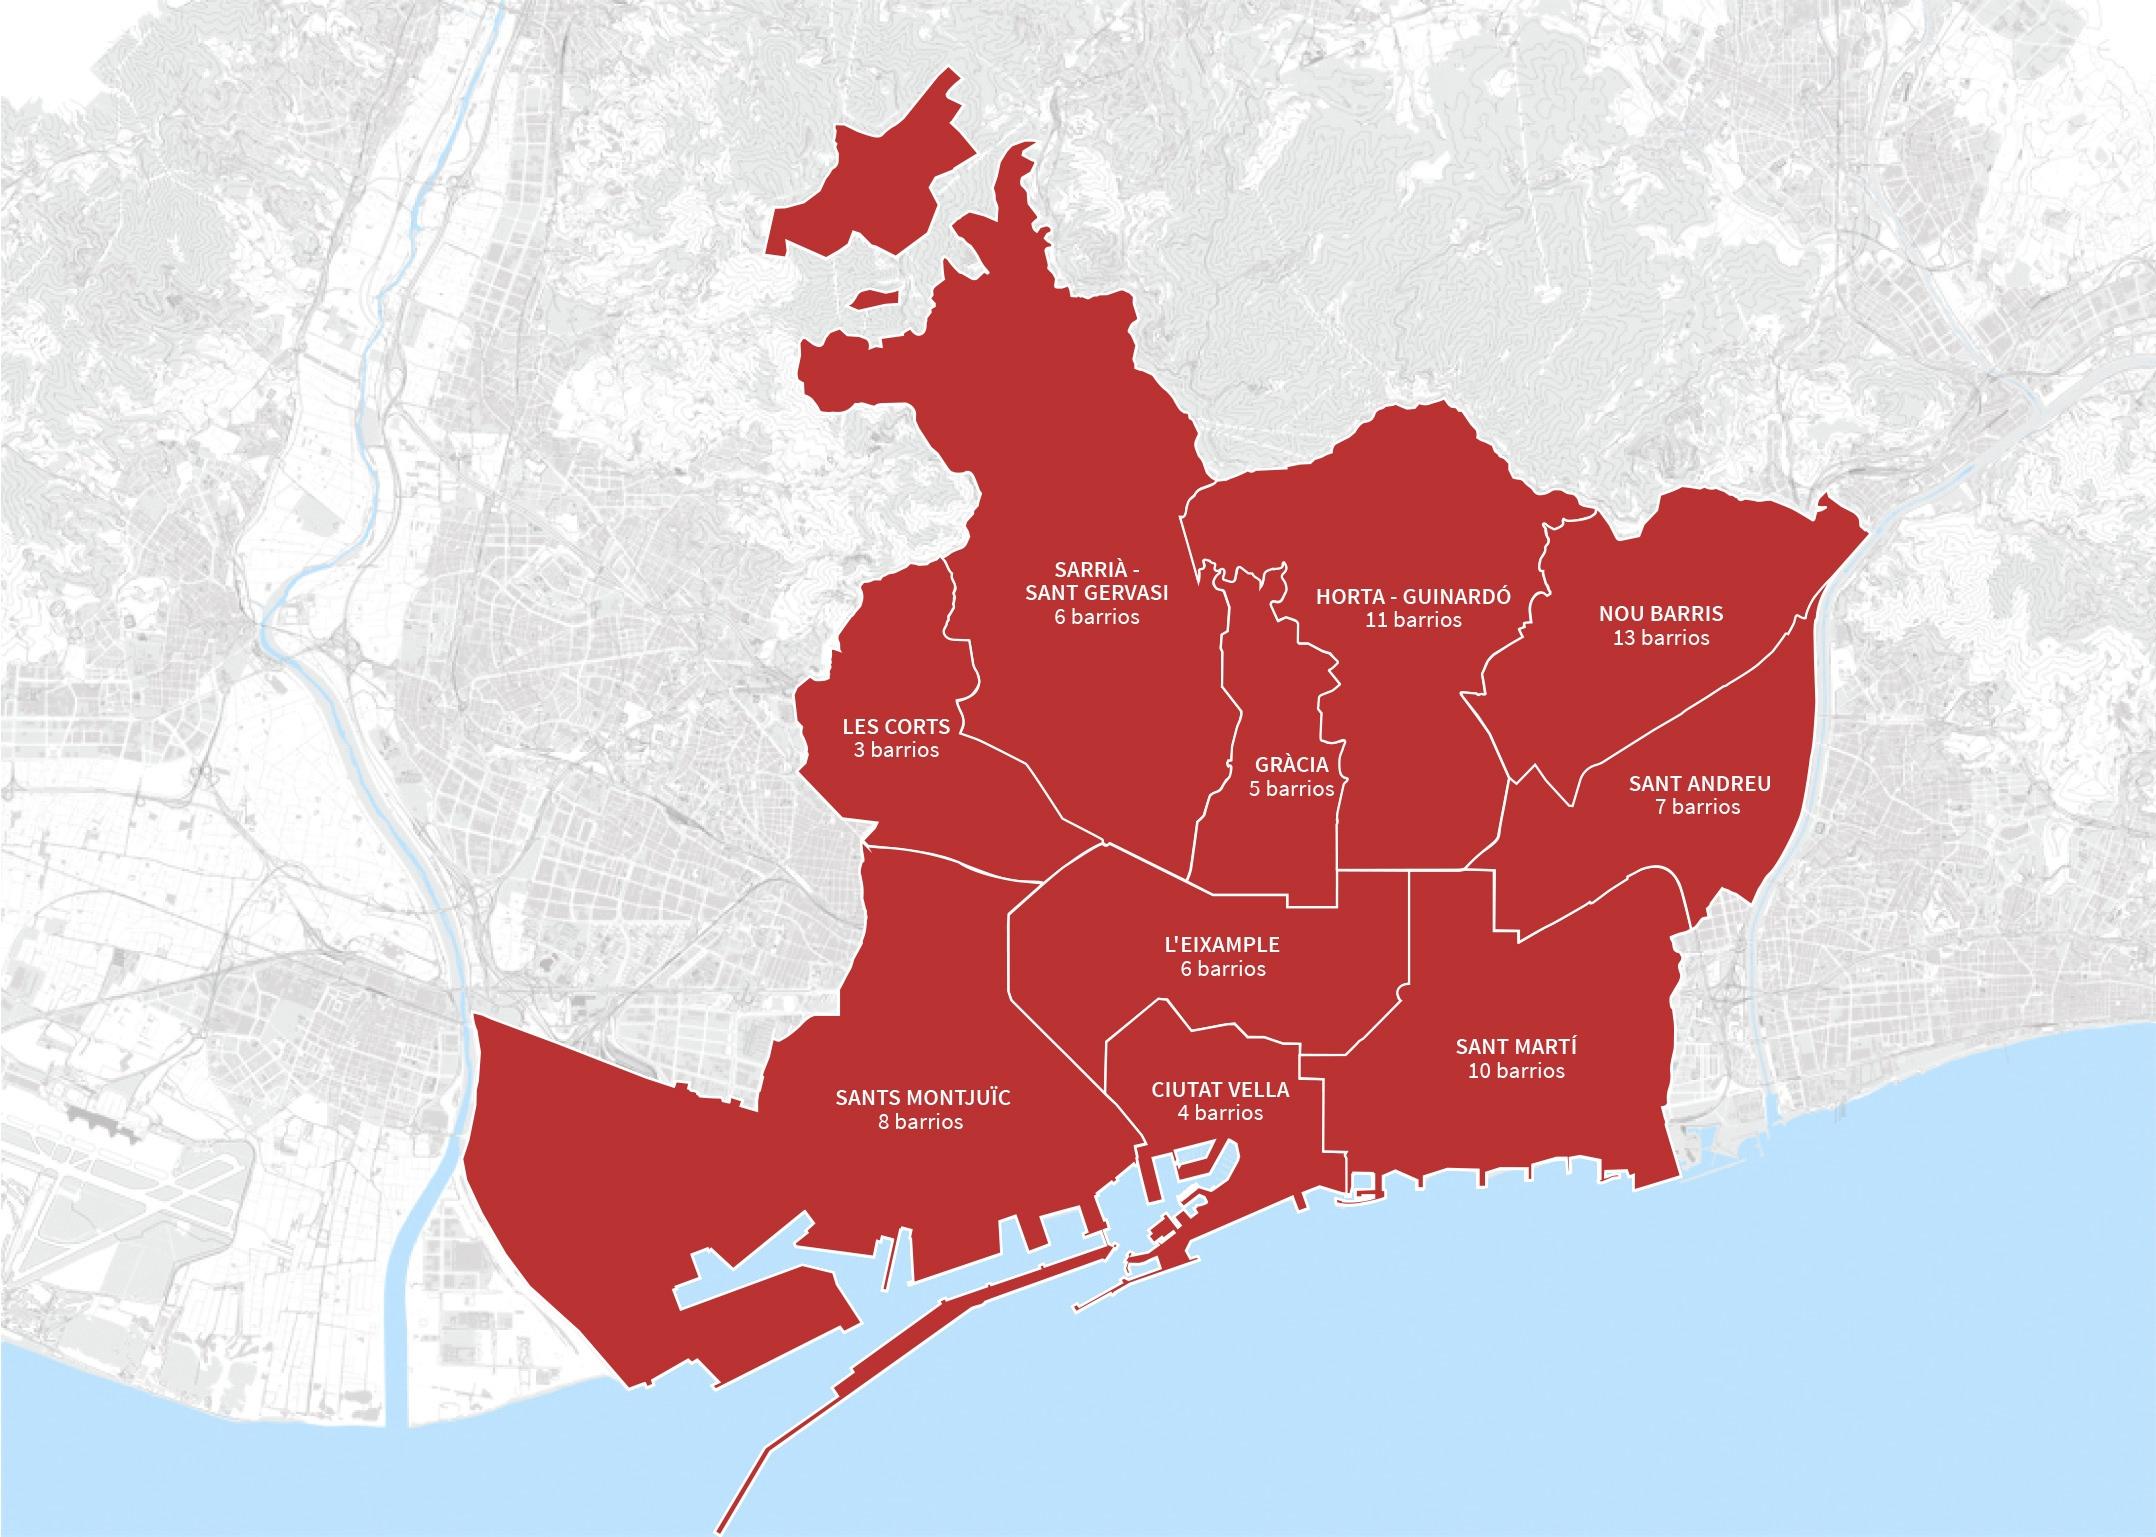 Distritos de Barcelona - Poblaciones